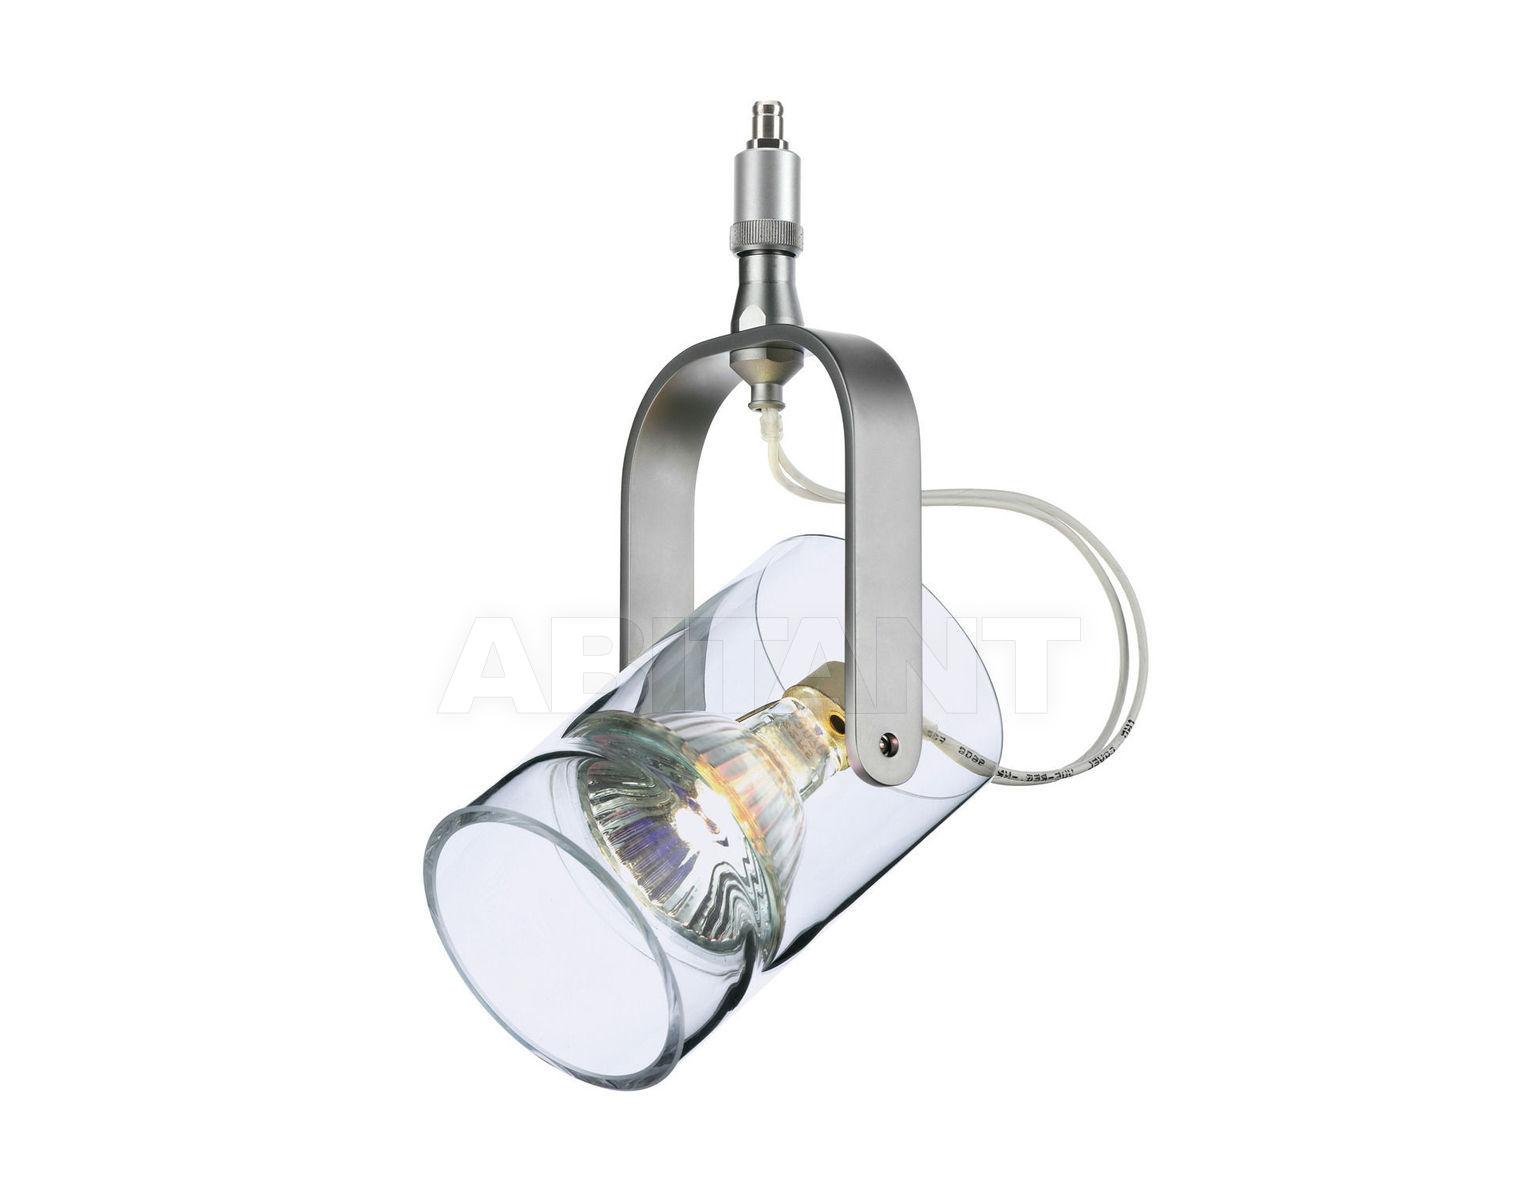 Купить Светильник-спот Bruck Strahler 220350mcgy